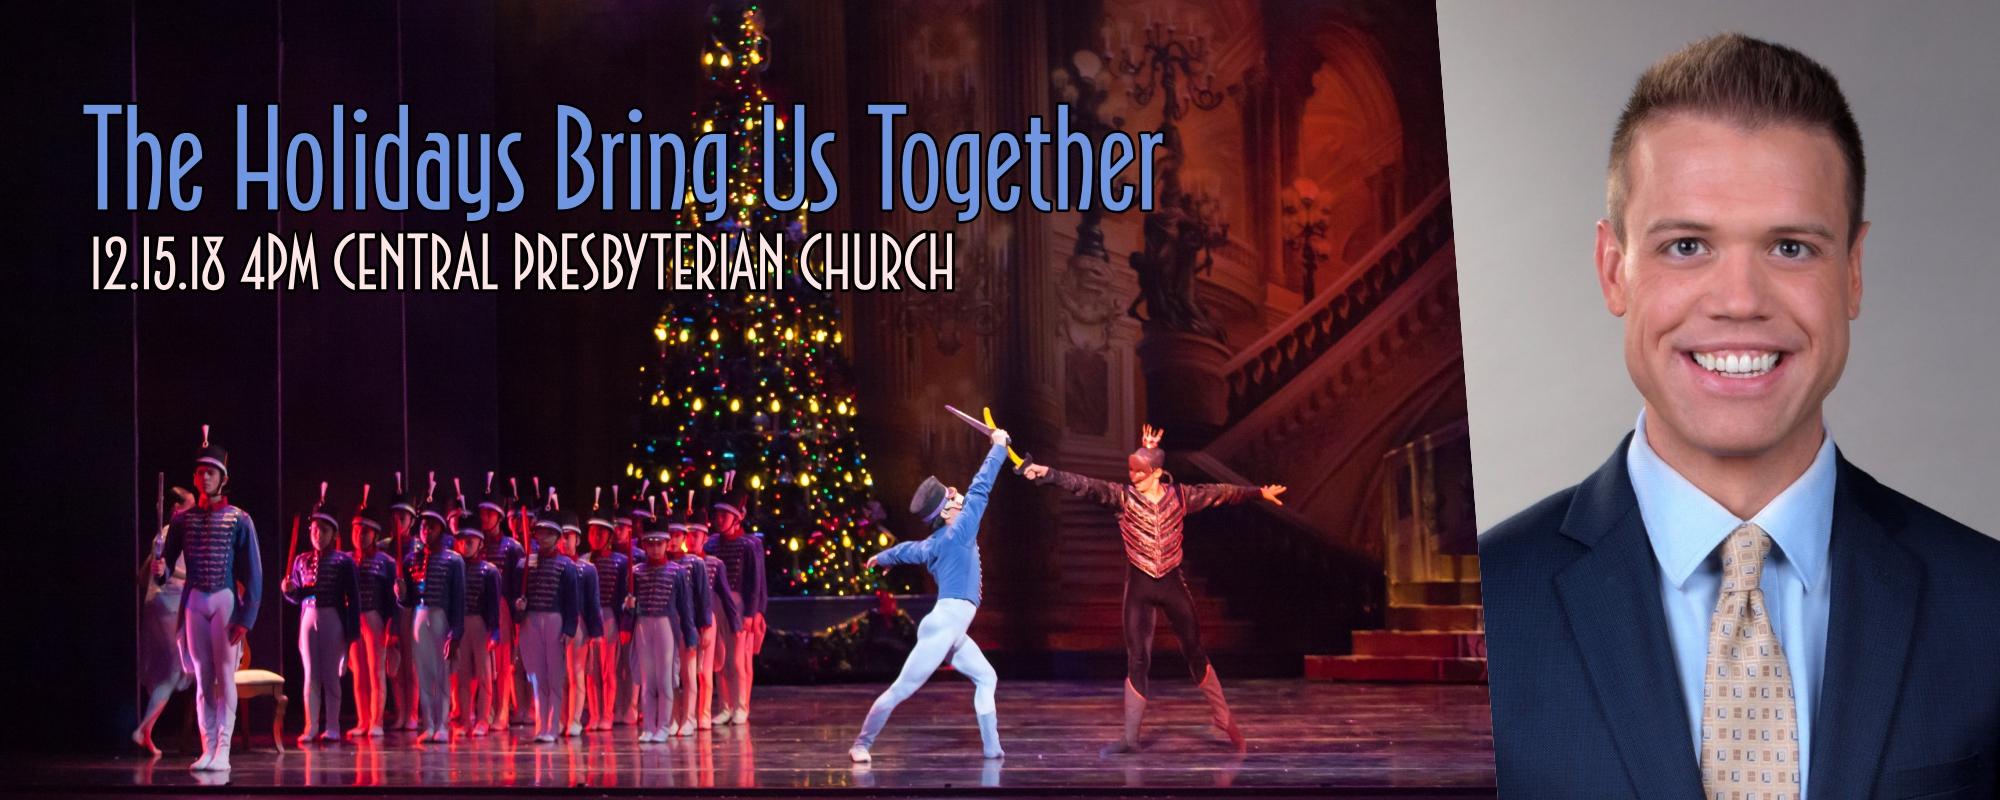 Holidays Bring Us Together Collage.jpg